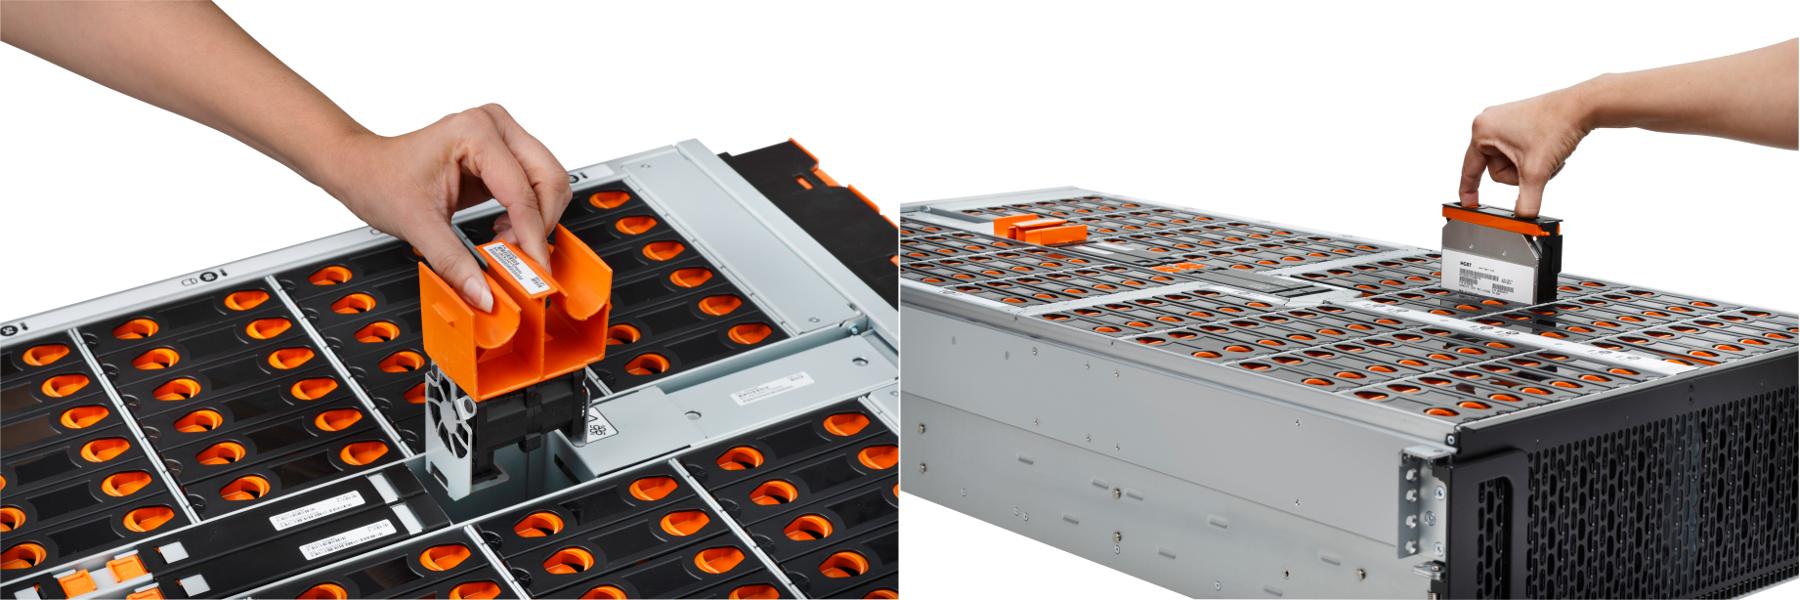 Наращиваем дисковую массу без стероидов. Обзор 102-дисковой полки Western Digital Ultrastar Data102 и конфигурации СХД - 1